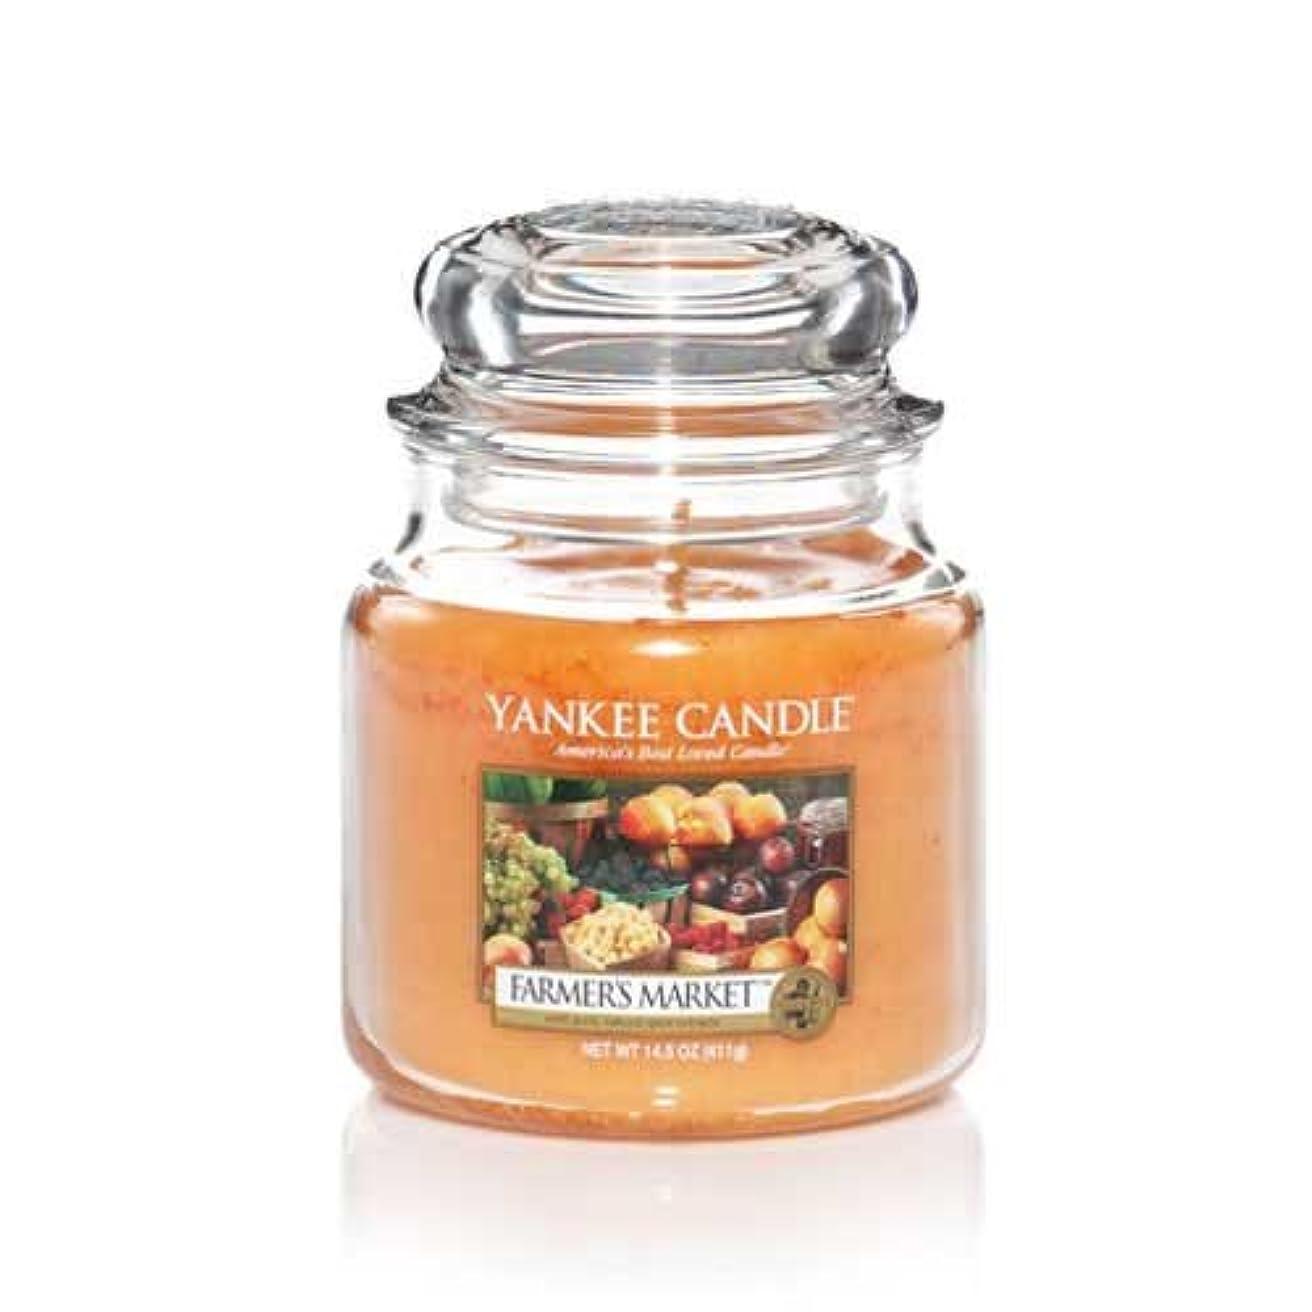 厳クリックヒューマニスティックYankee Candle Farmer 's Market Medium Jar Candle, Food & Spice香り